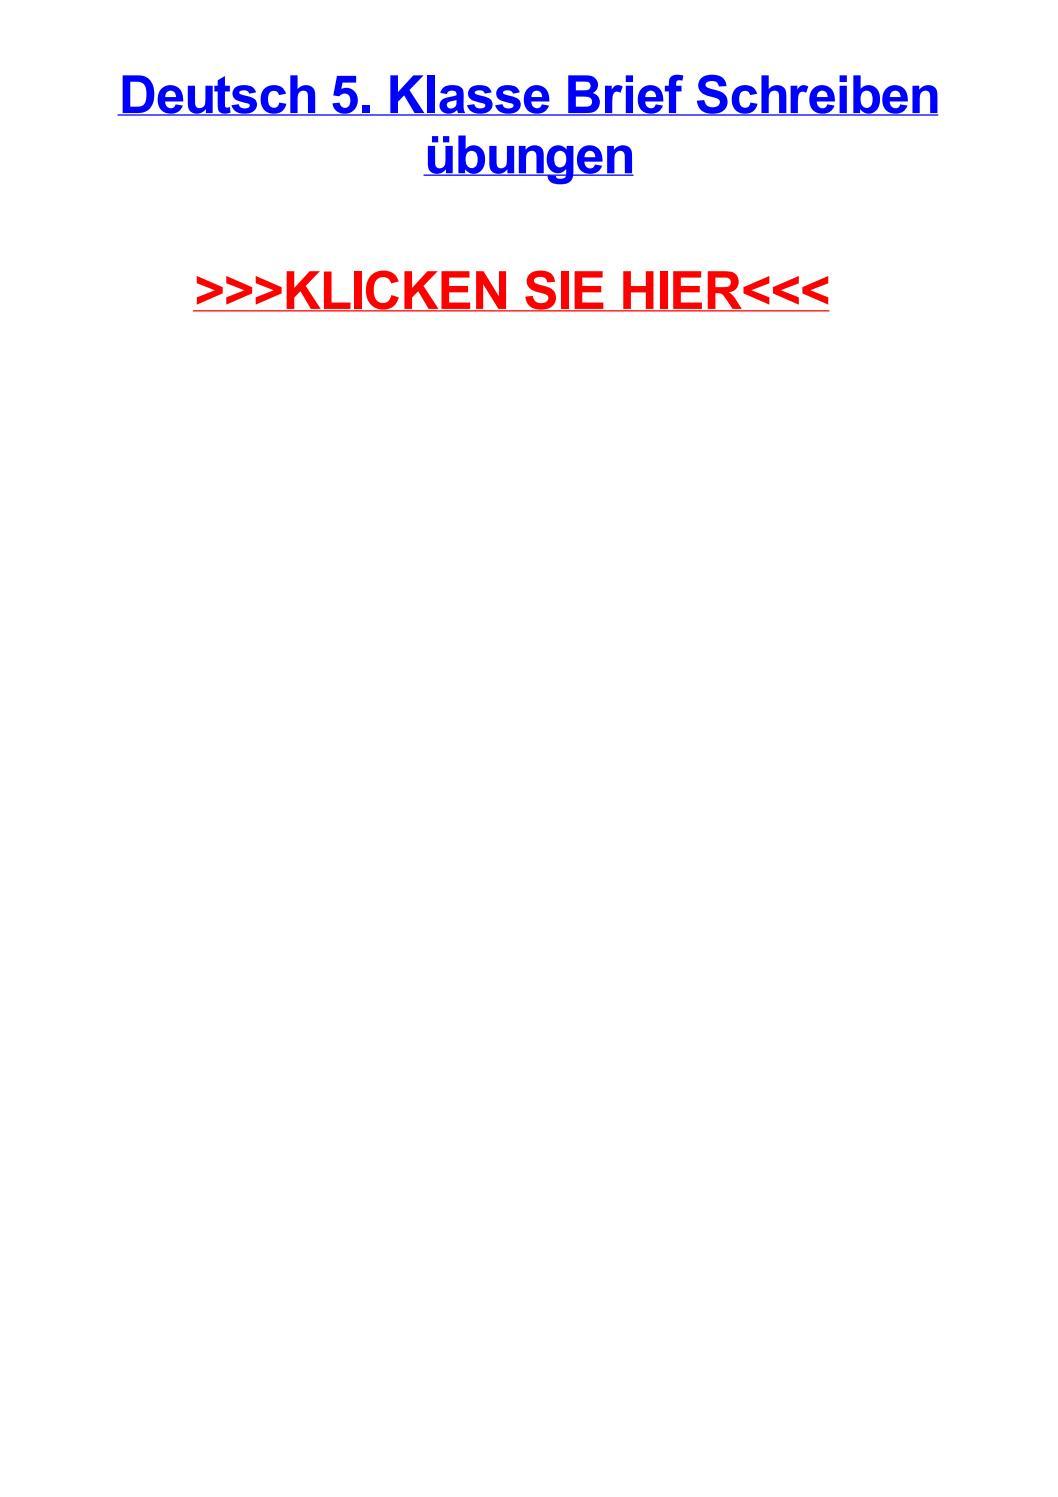 Deutsch 5 Klasse Brief Schreiben Jbungen By Christinagfyn Issuu